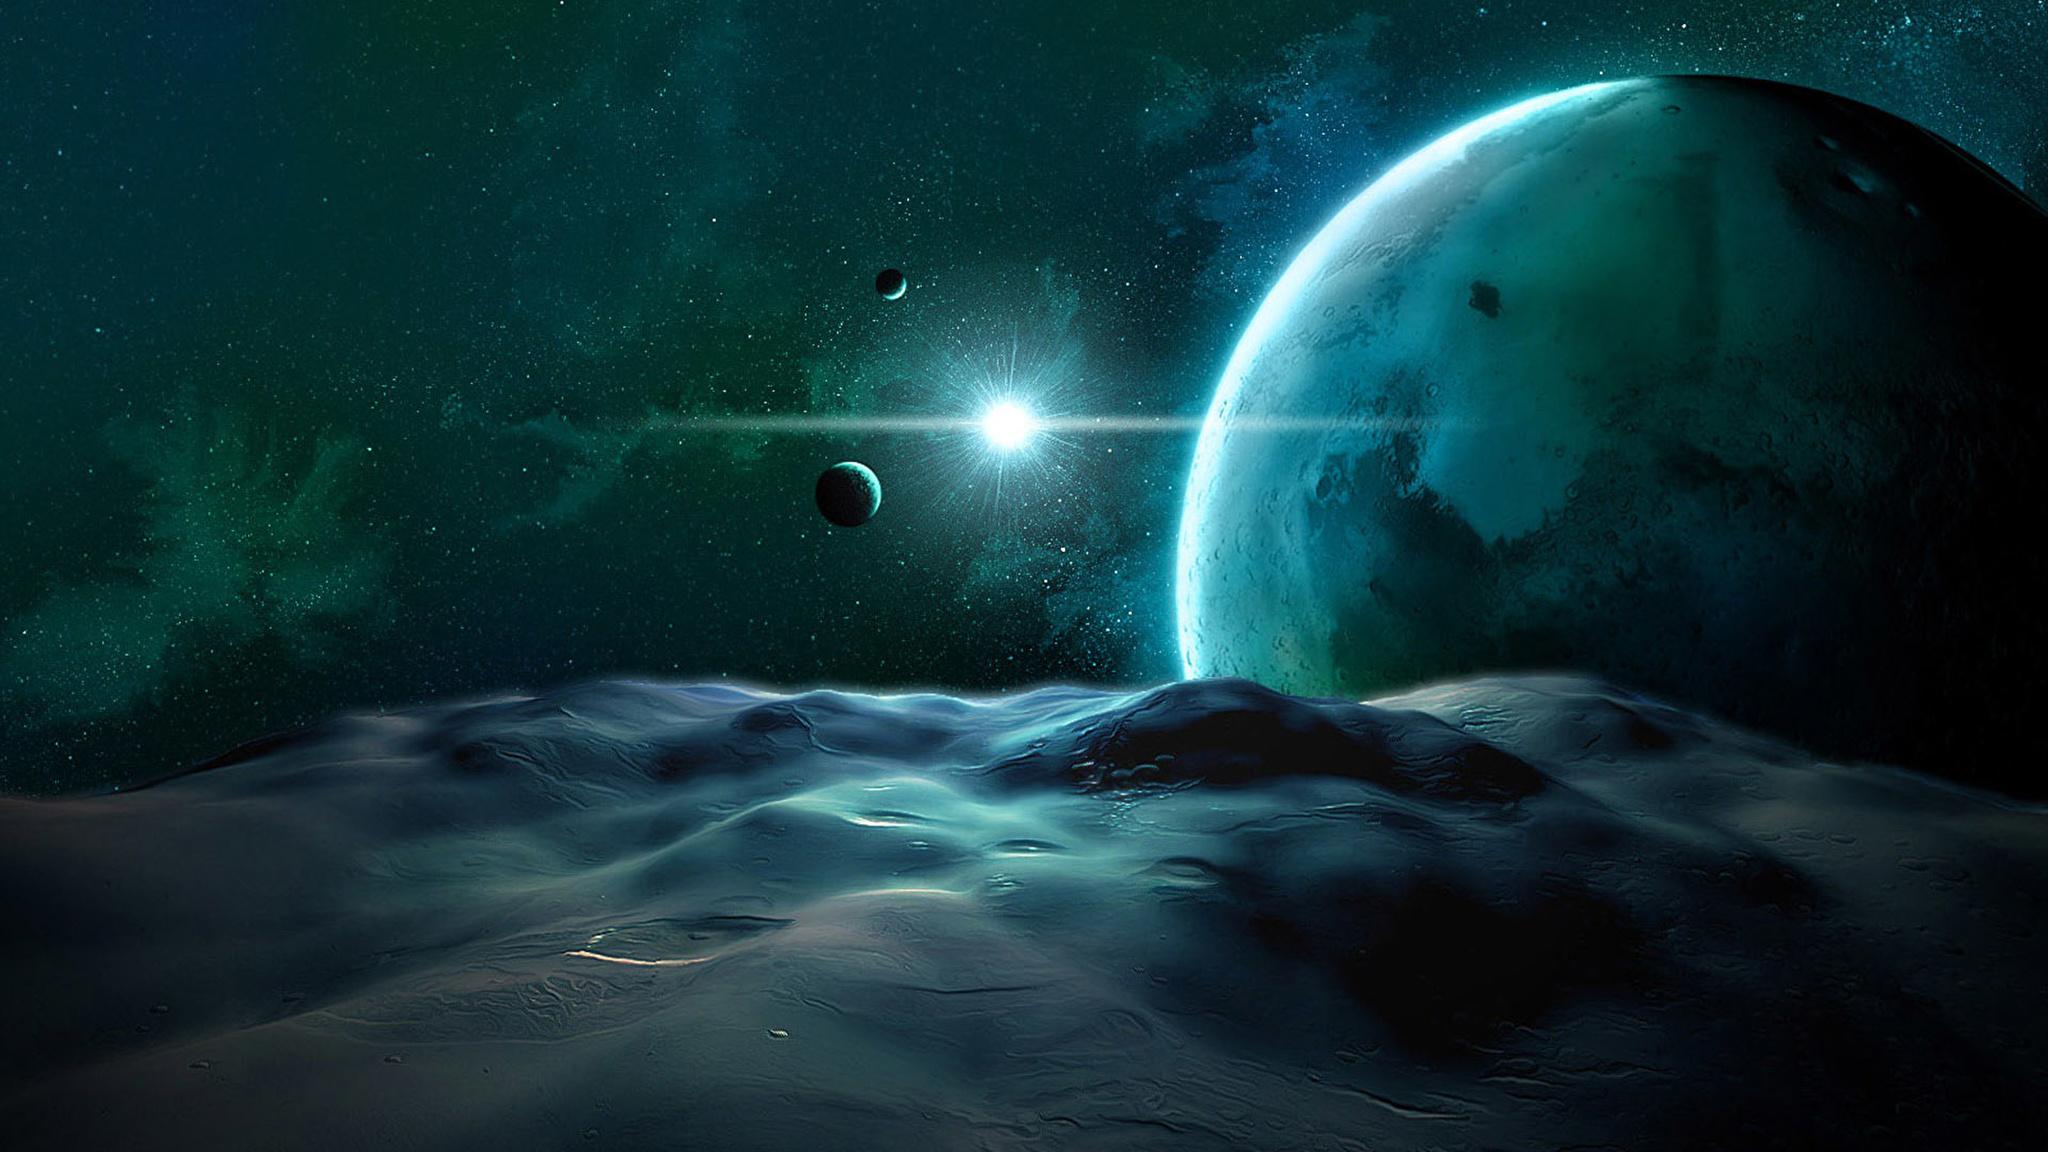 Обои Звездное небо над землей картинки на рабочий стол на тему Космос - скачать  № 1768363 без смс